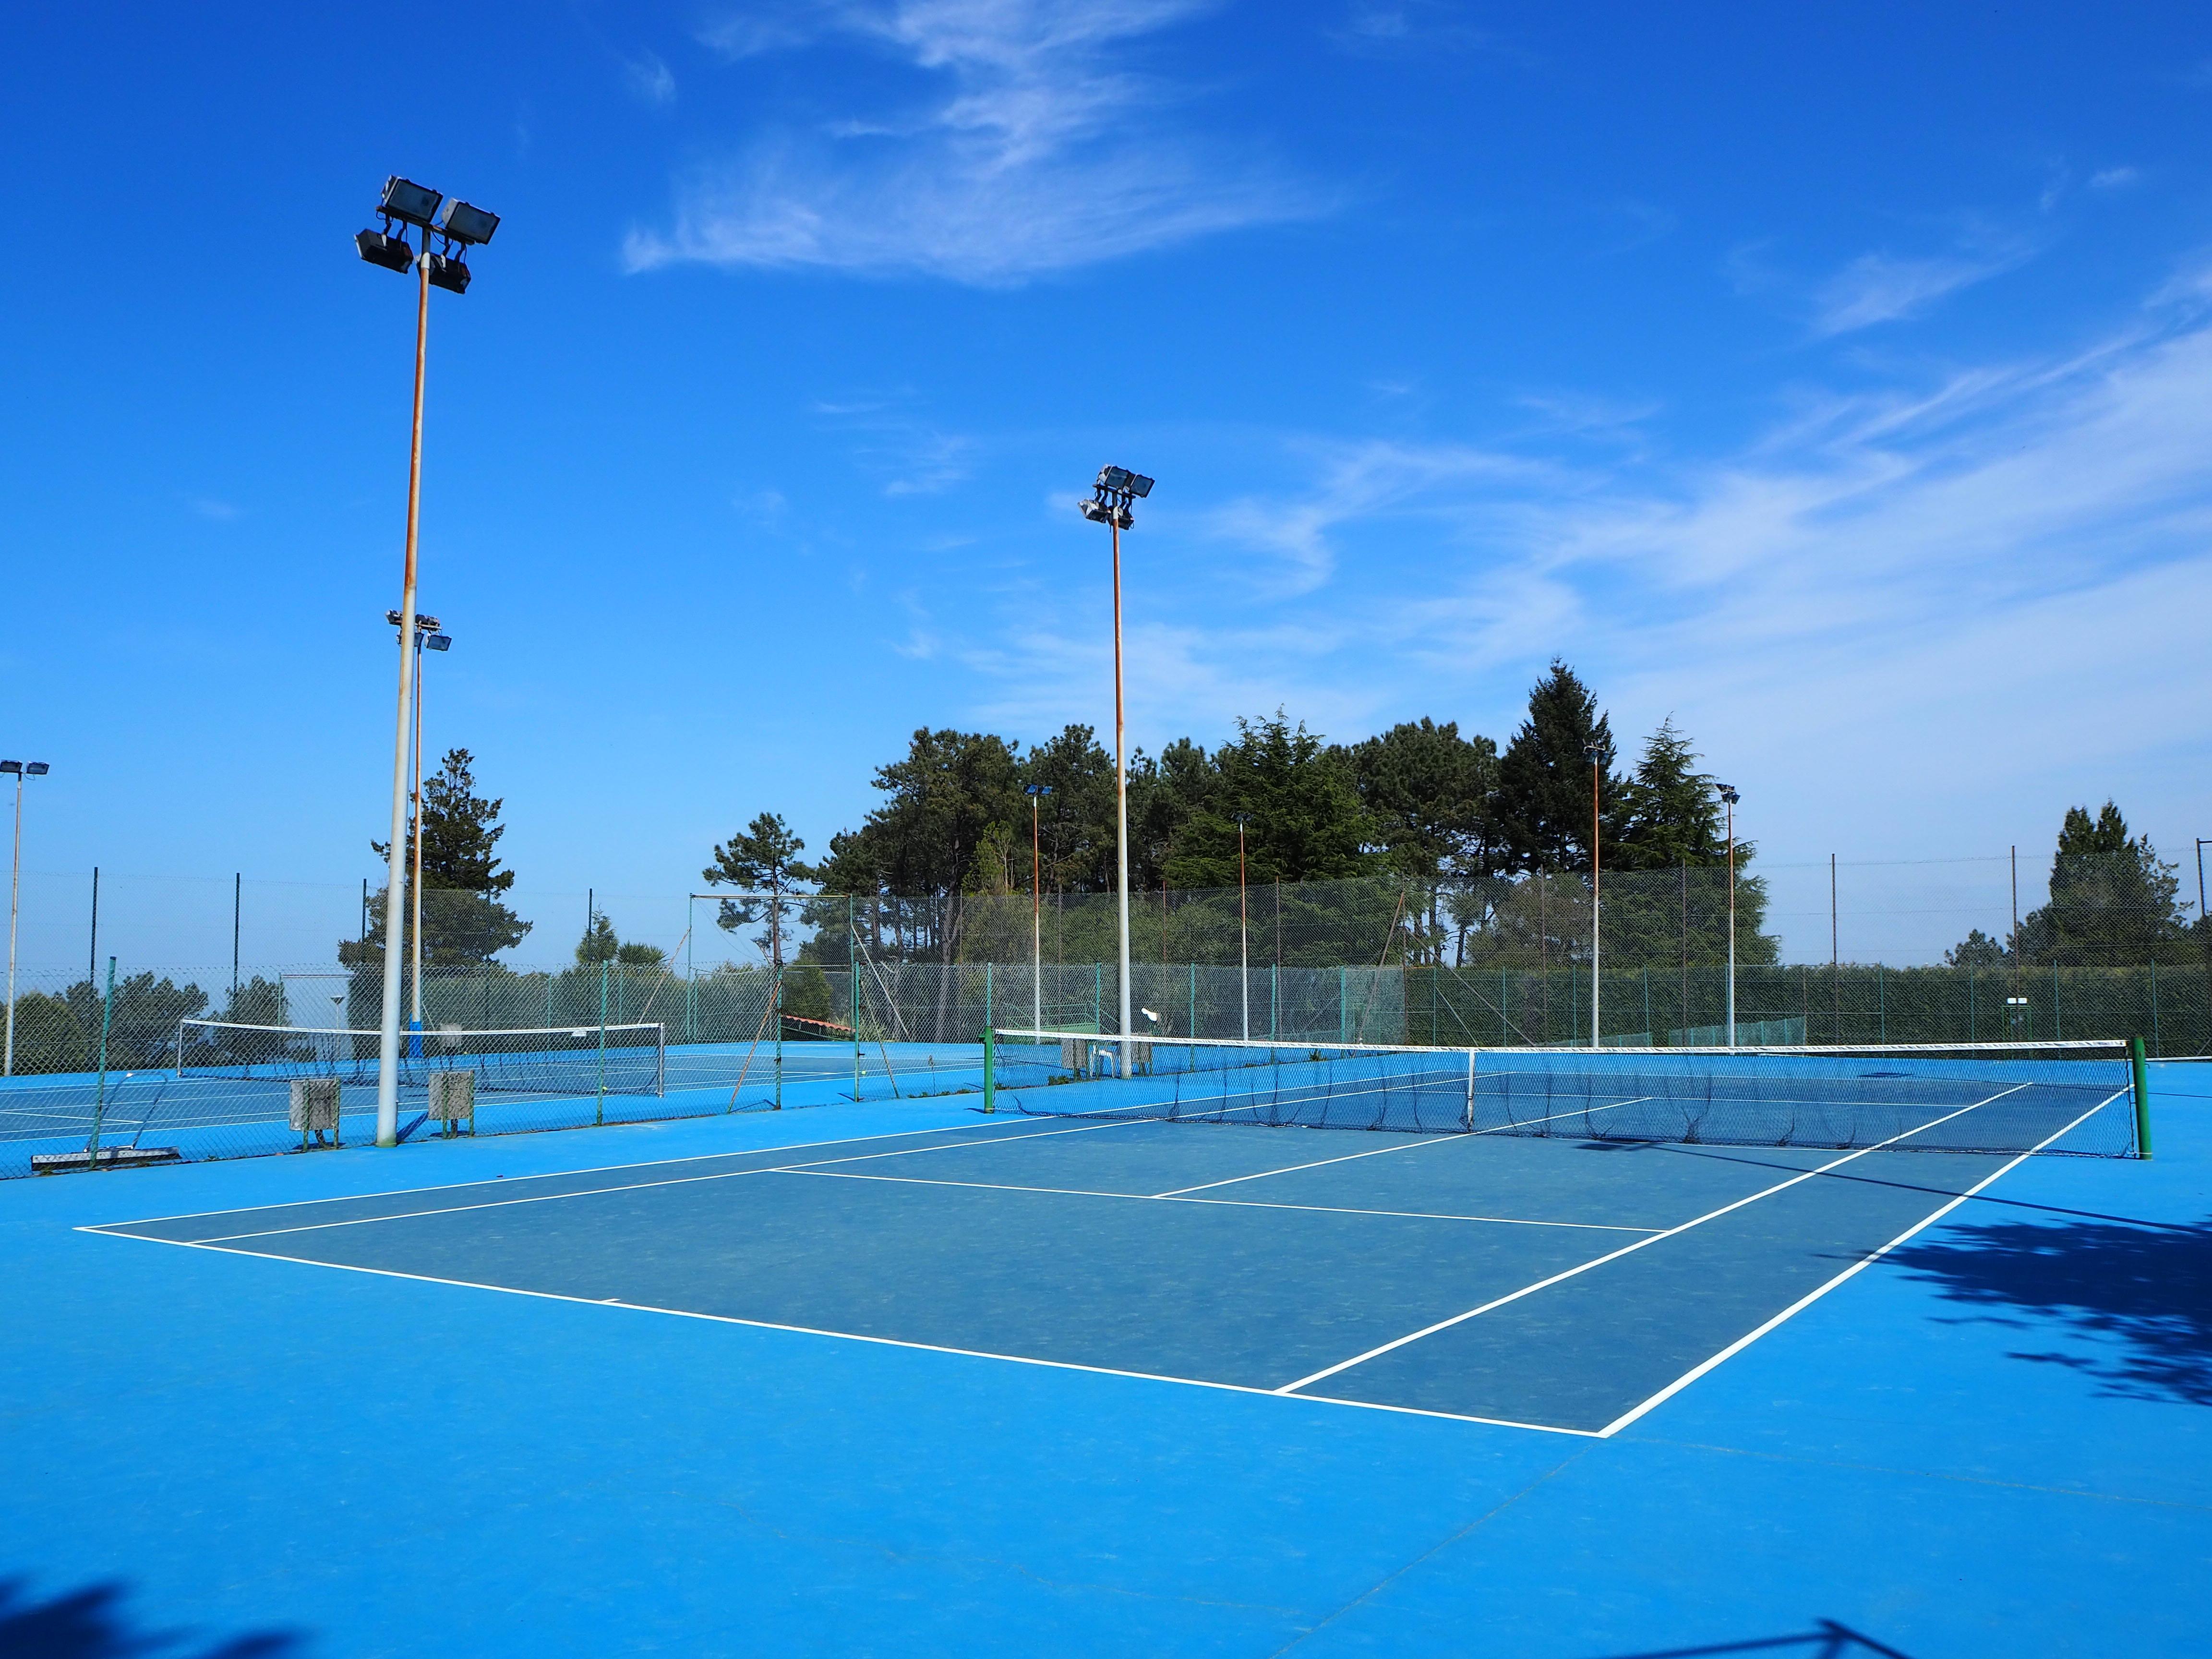 Pistas de tenis greenset